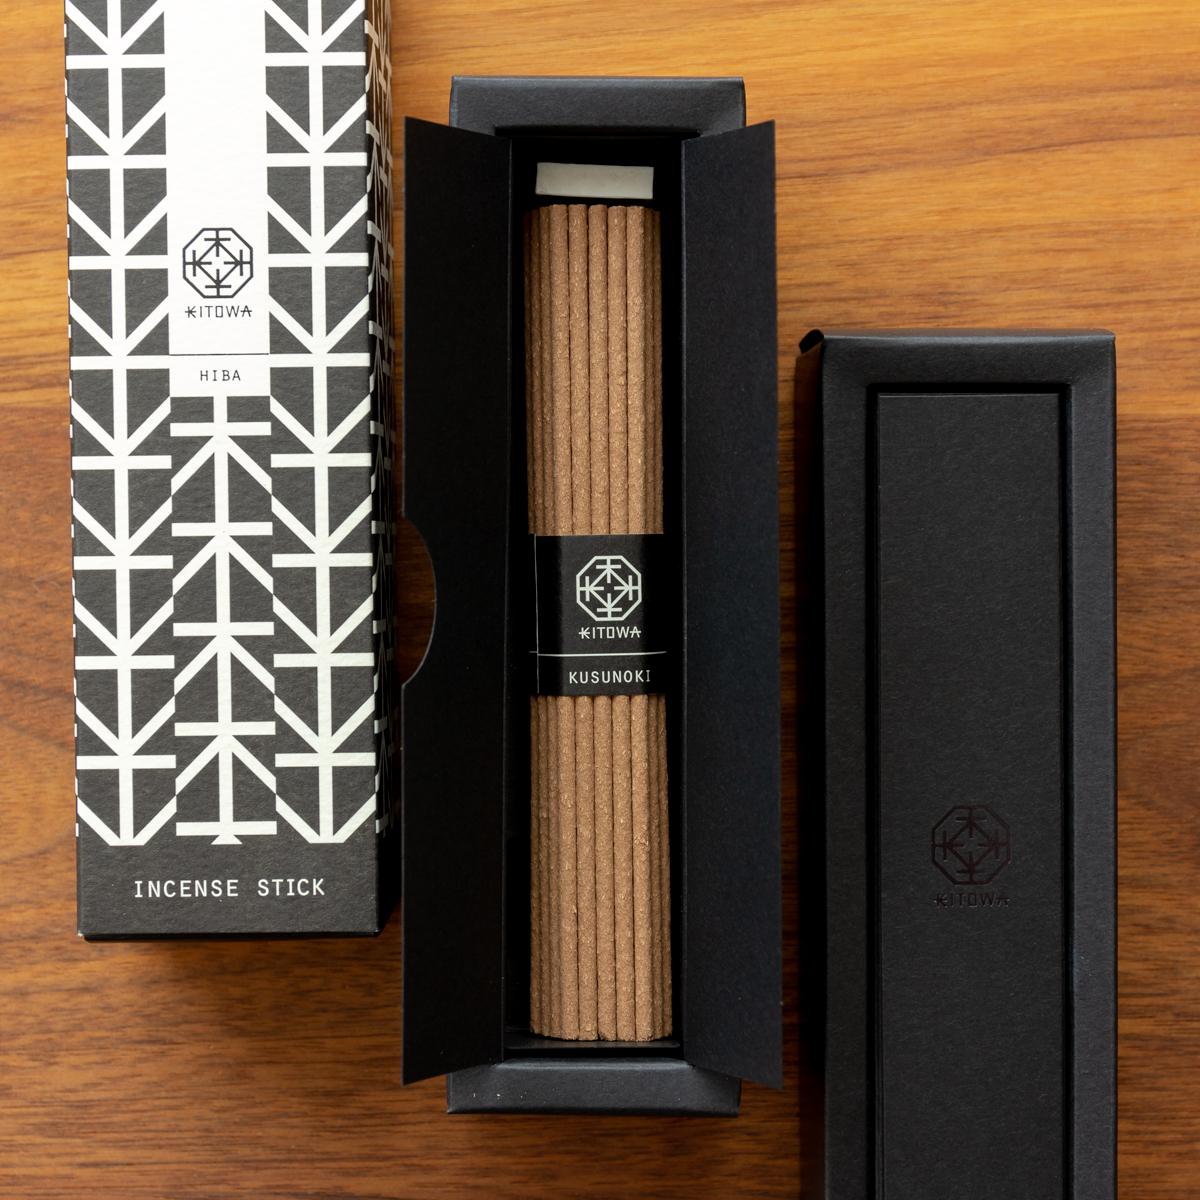 日本の樹木から抽出した天然オイルと、厳選された西洋の香原料とのマリアージュ。その配合の塩梅もバランス良く、とても美しい香りのインセンススティック(お香)|KITOWA